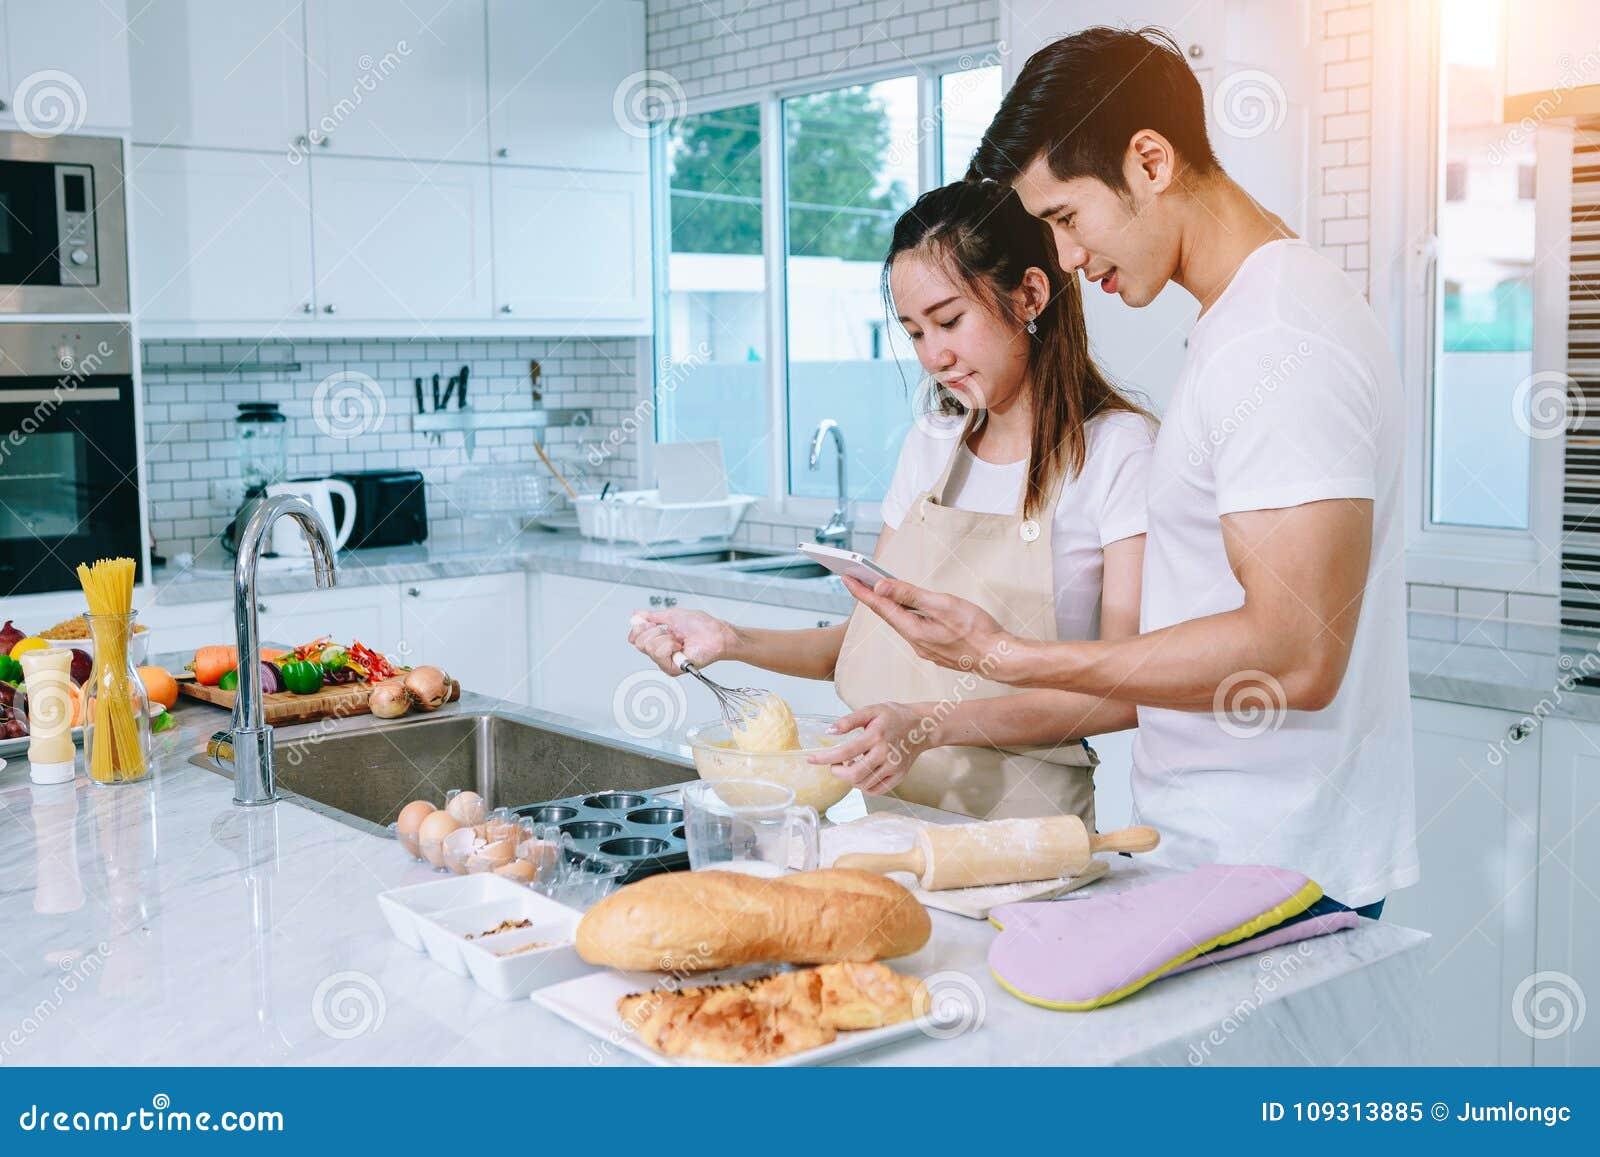 Los pares adolescentes asiáticos están ayudando a hacer la cena